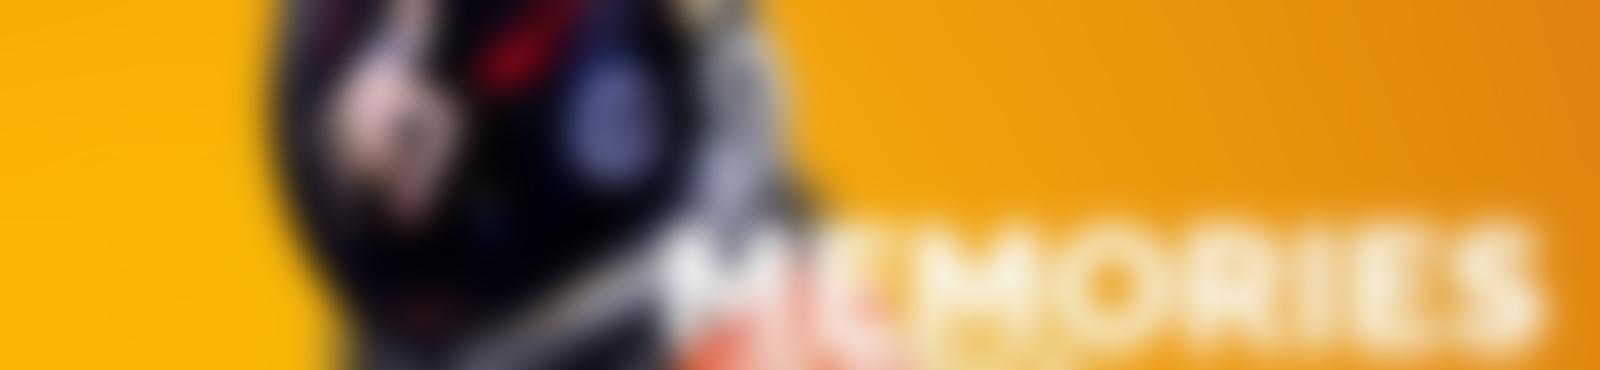 Blurred 1f6482f4 5a81 4b41 802d e562e2a71c0f